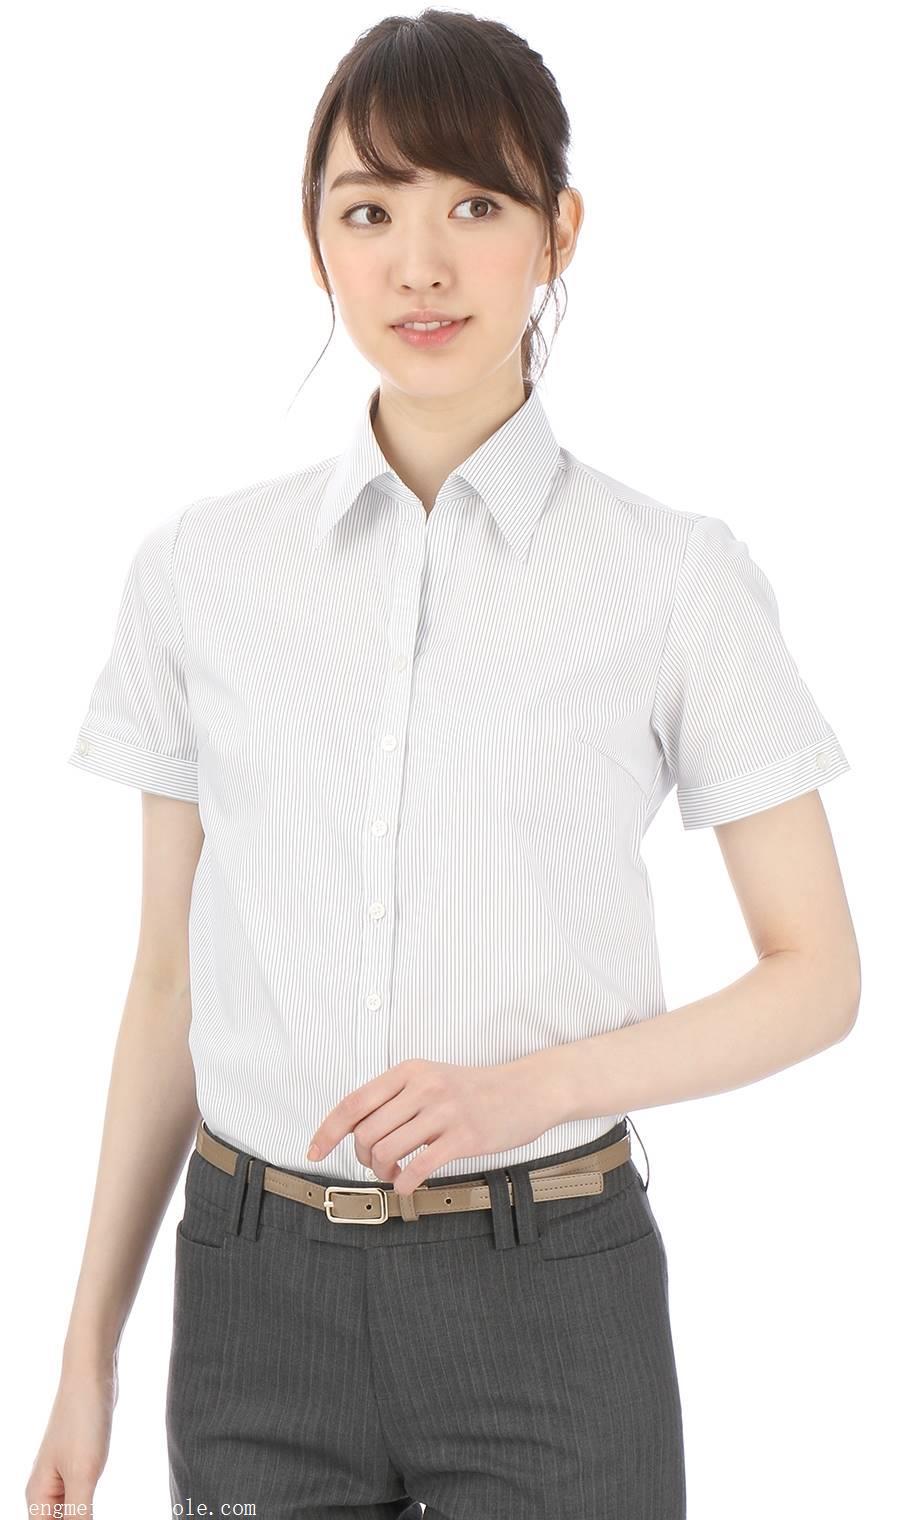 深圳罗湖区衬衫定制,订做东门女士衬衫,罗湖区量身定做女衬衫